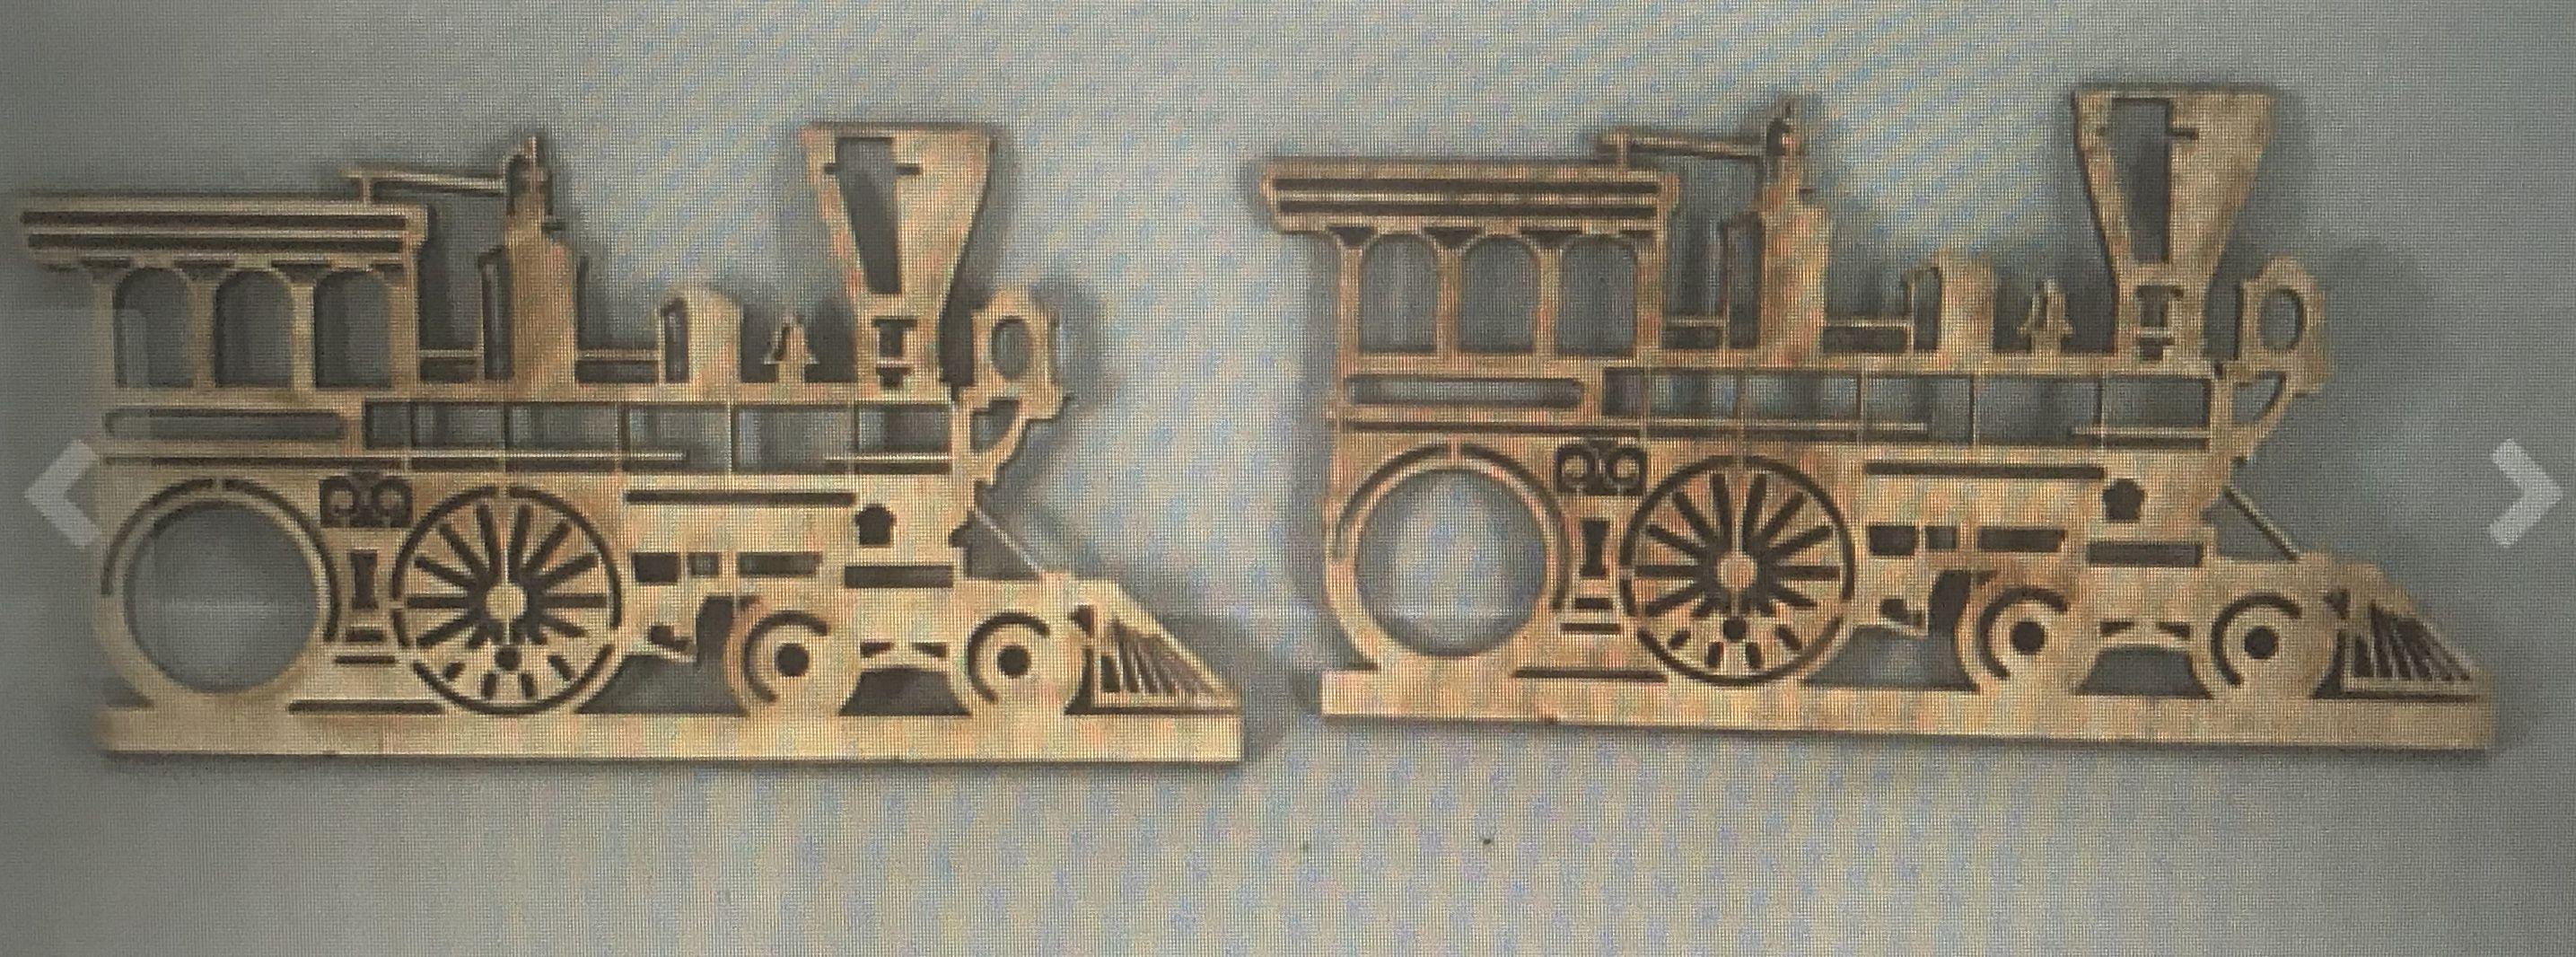 engraved wood laser trains